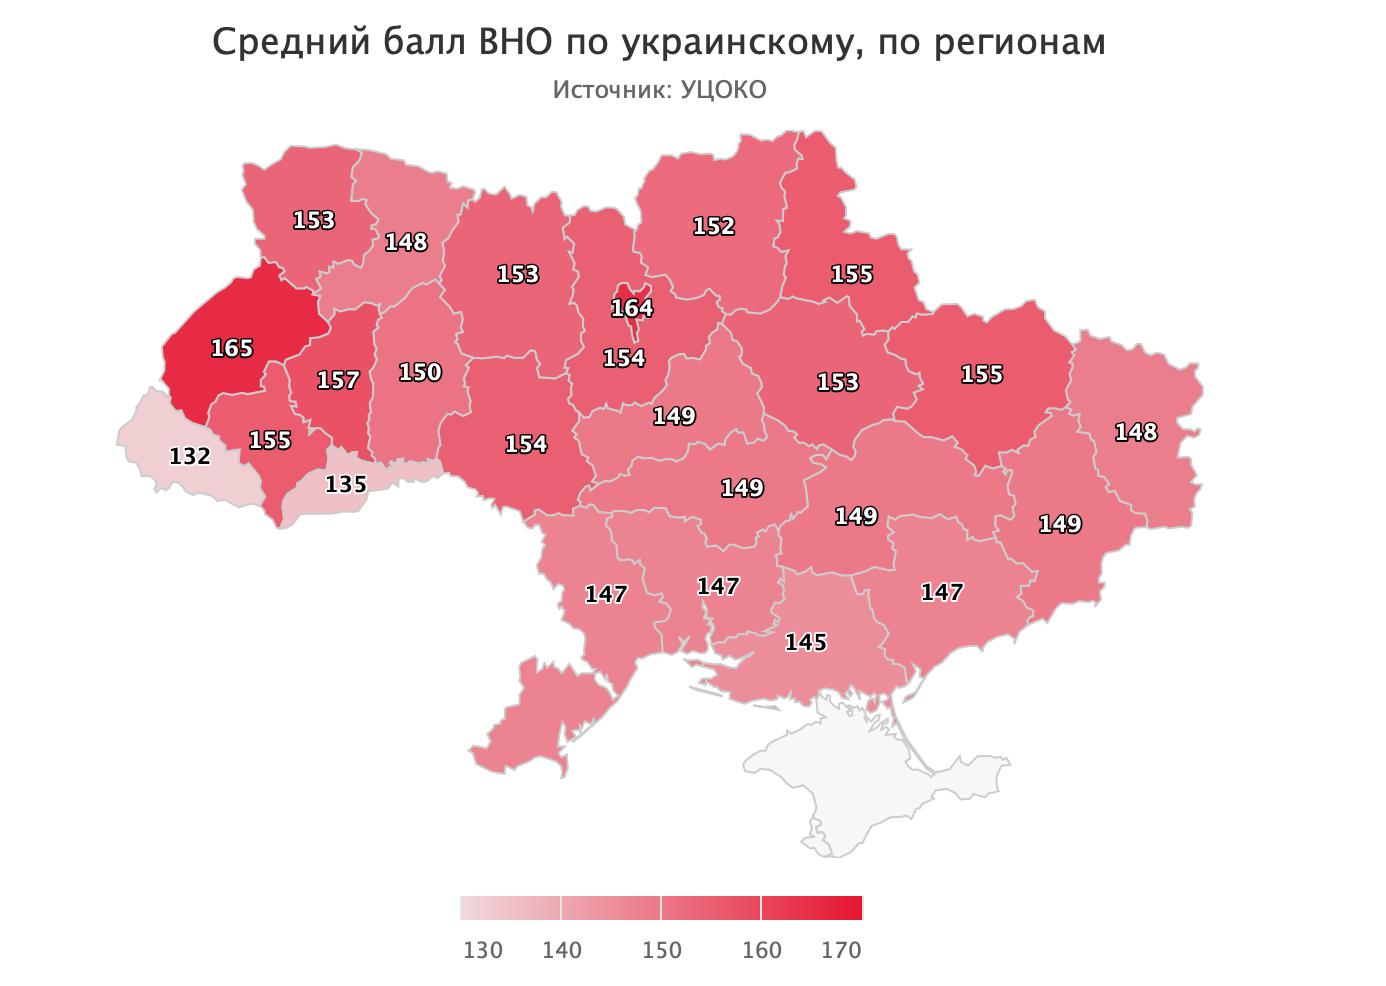 Родная школа. Результаты ЗНО 2019: непроходные предметы, умные девочки и гений из Харькова